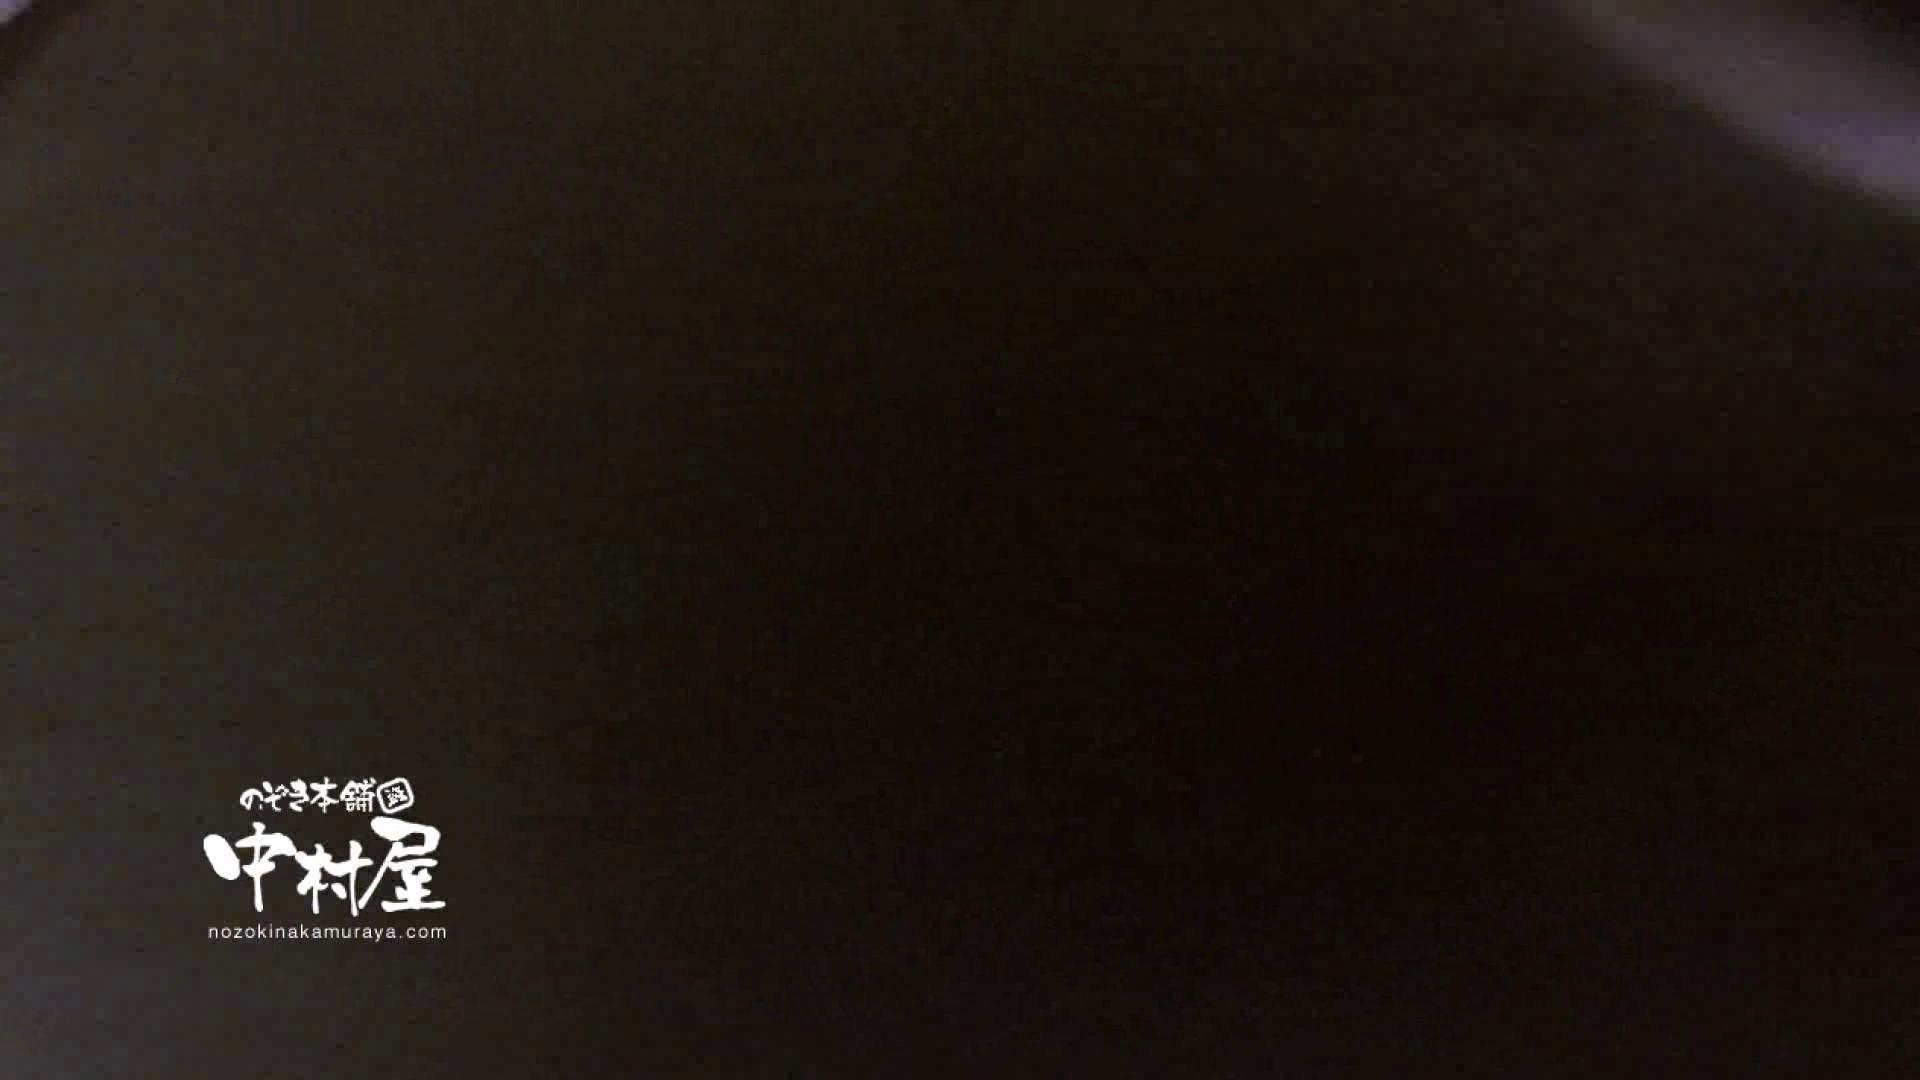 鬼畜 vol.10 あぁ無情…中出しパイパン! 前編 鬼畜 濡れ場動画紹介 101連発 51